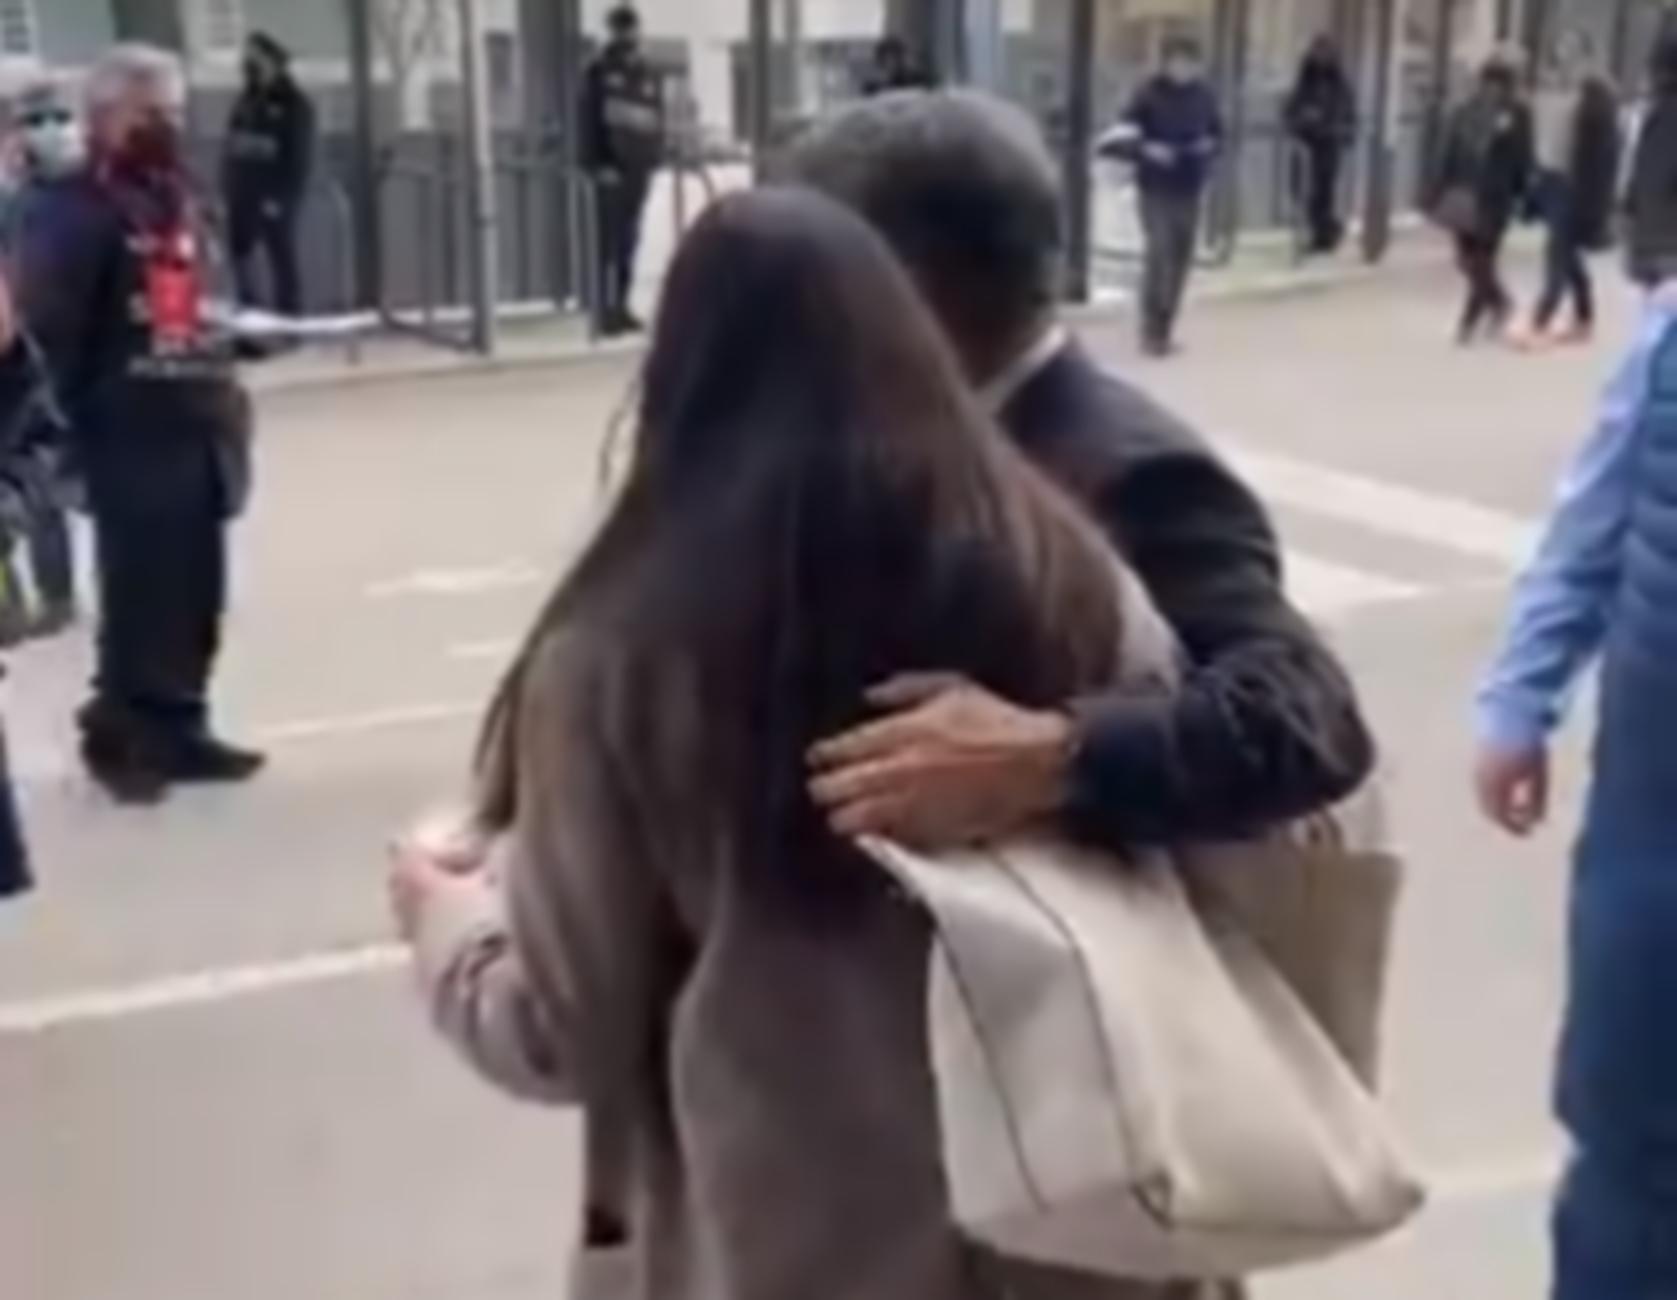 Απίστευτο: Υποψήφιος πρόεδρος της Μπαρτσελόνα την «έπεσε» σε ανήλικη on camera